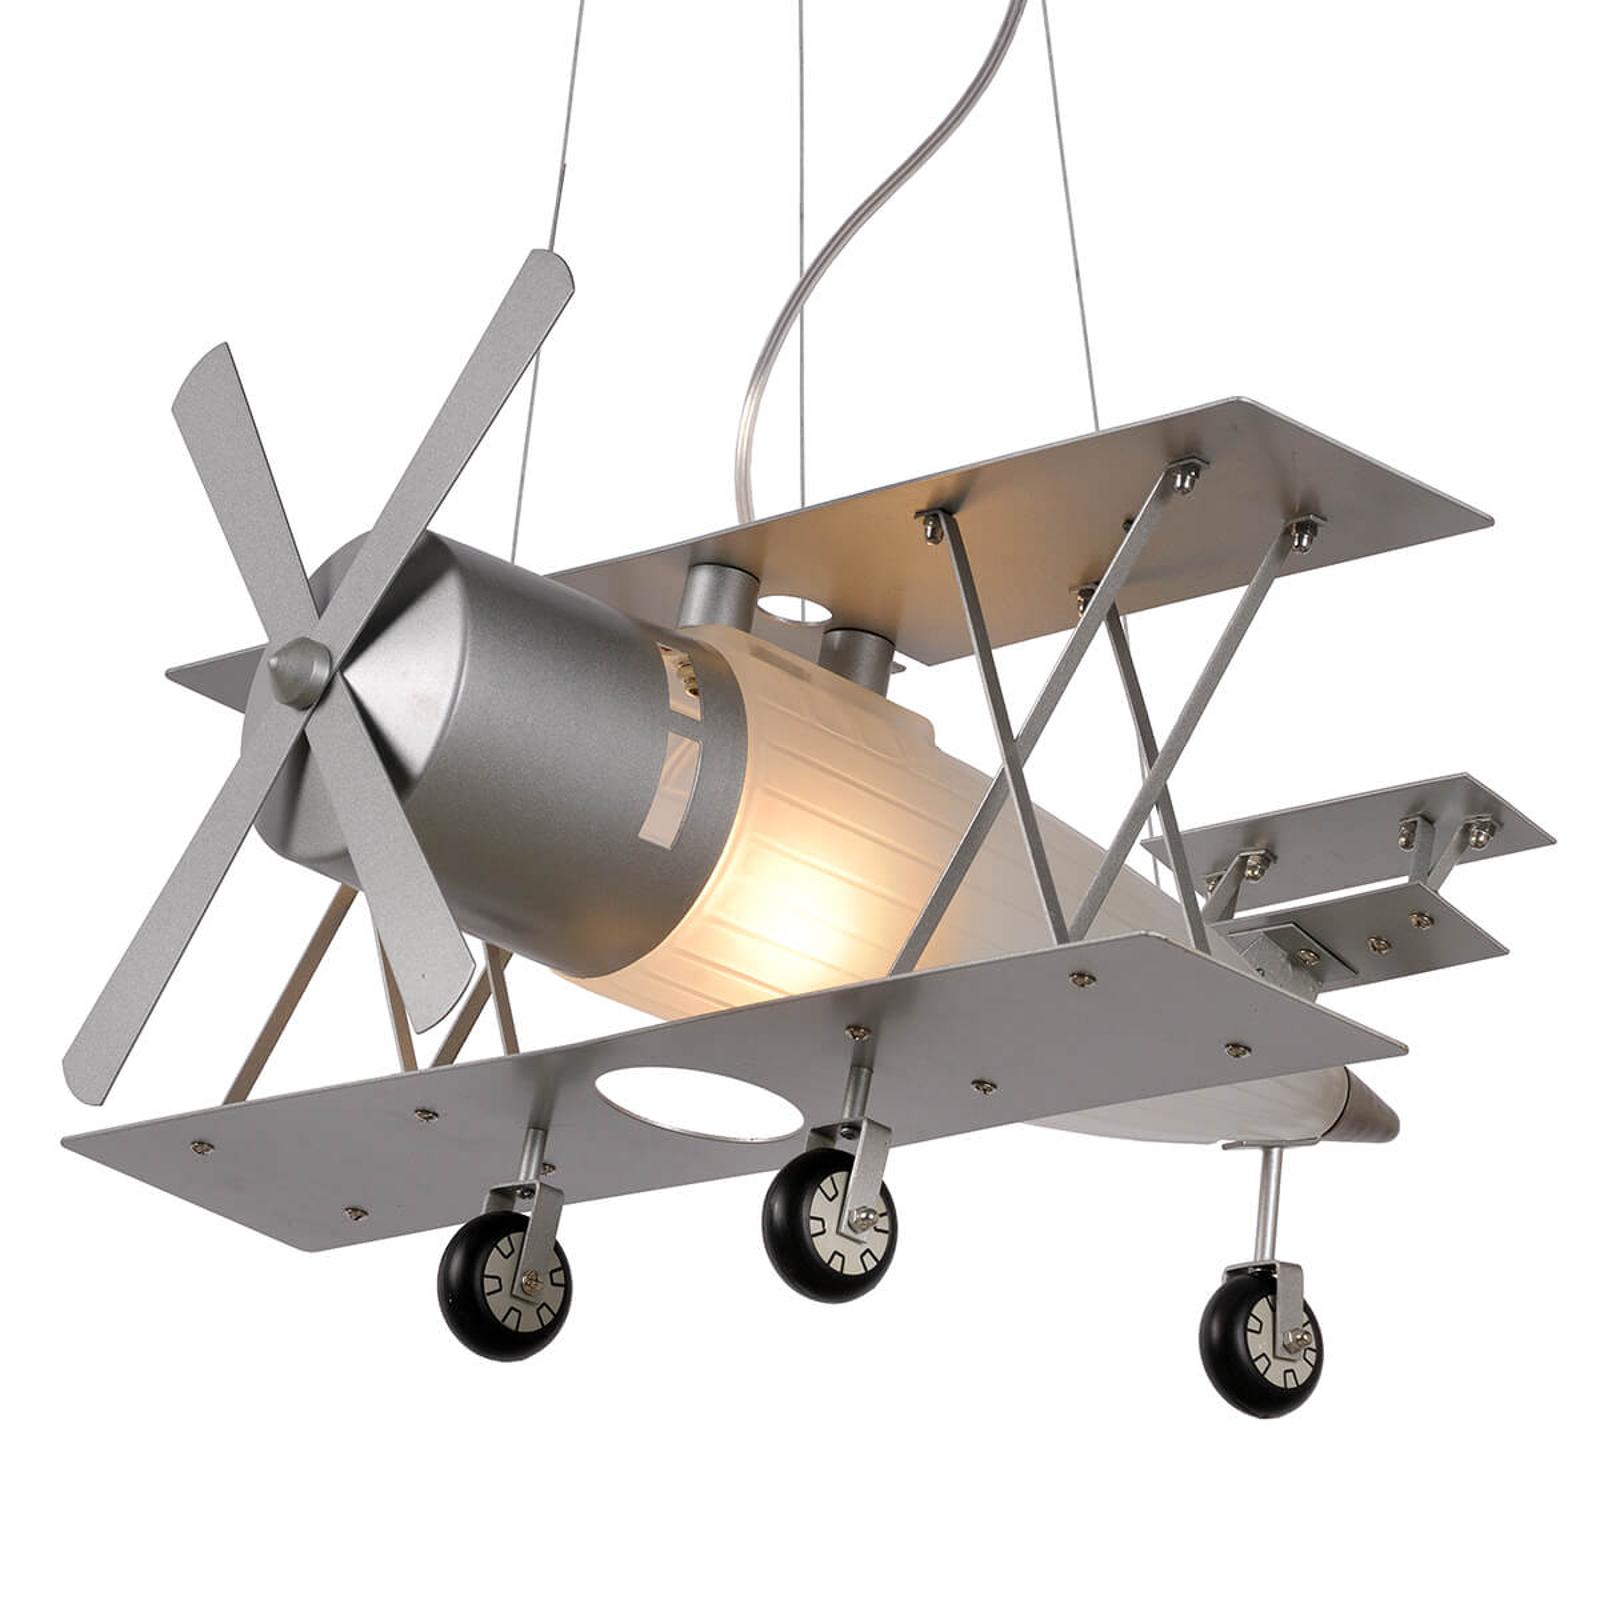 Focker - Hängeleuchte in Flugzeugform